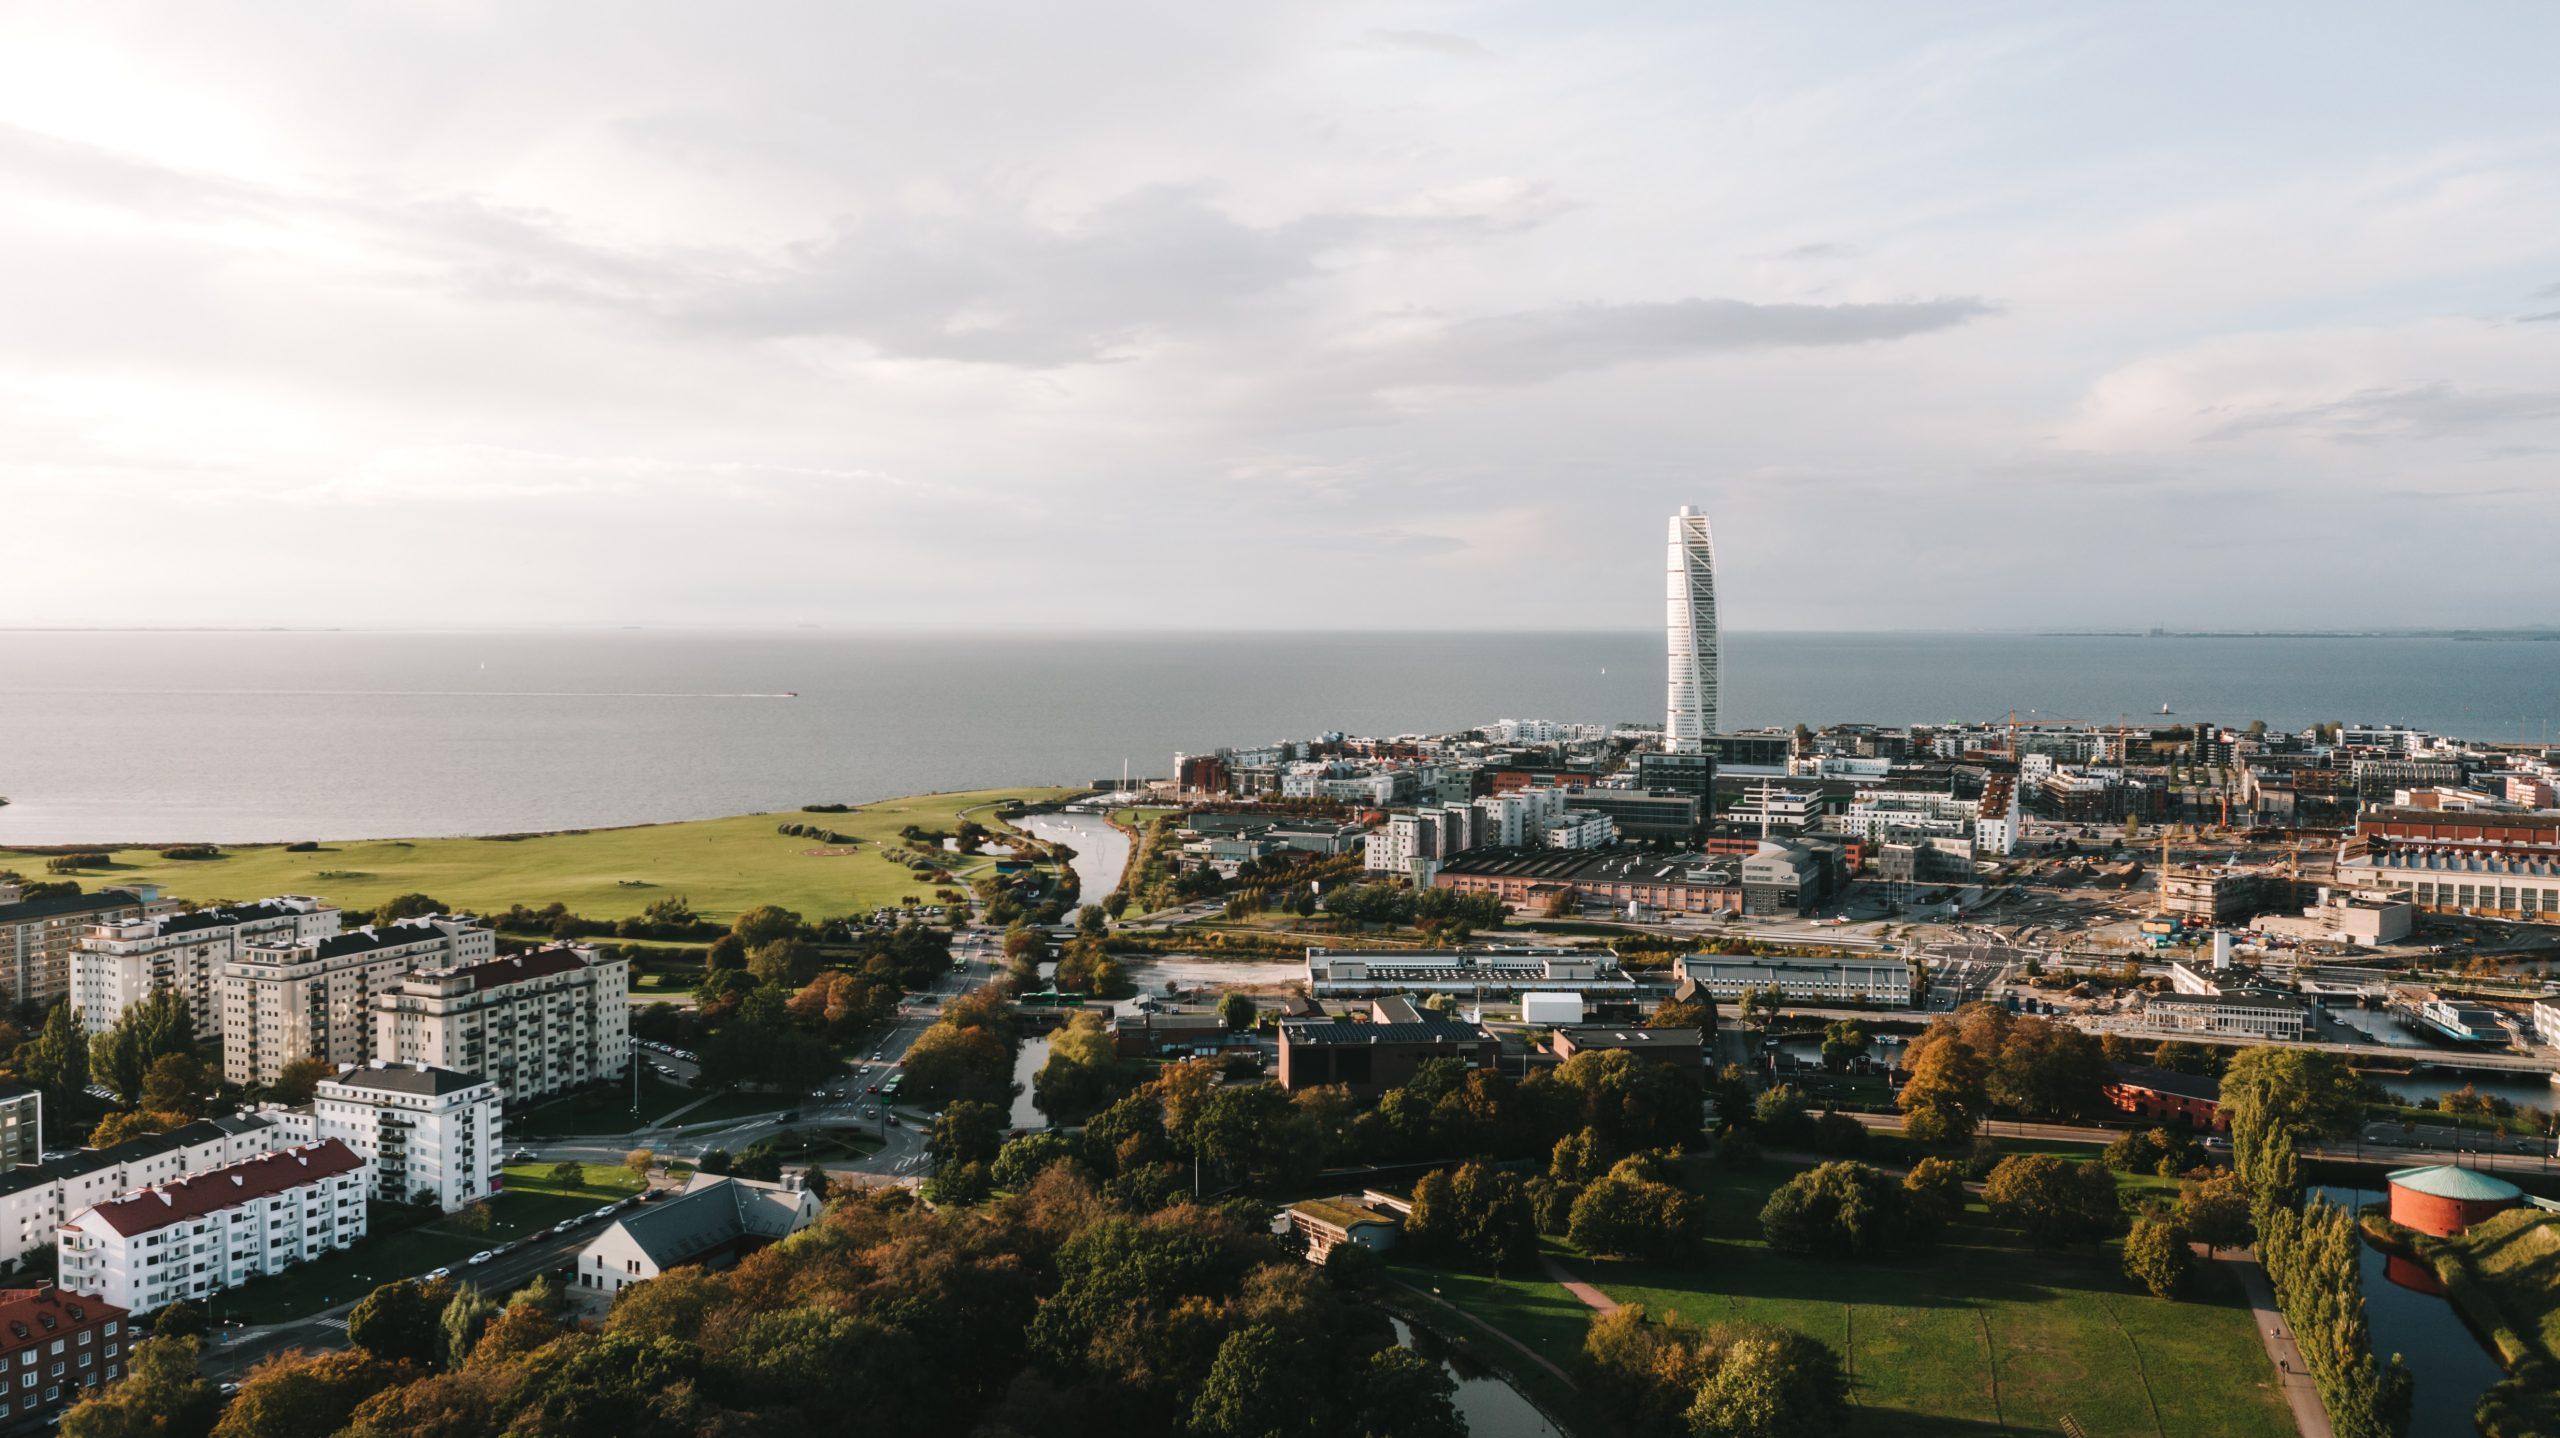 Hur kan det skapas 2000 nya lägenheter och arbetsplatser i Malmö city?